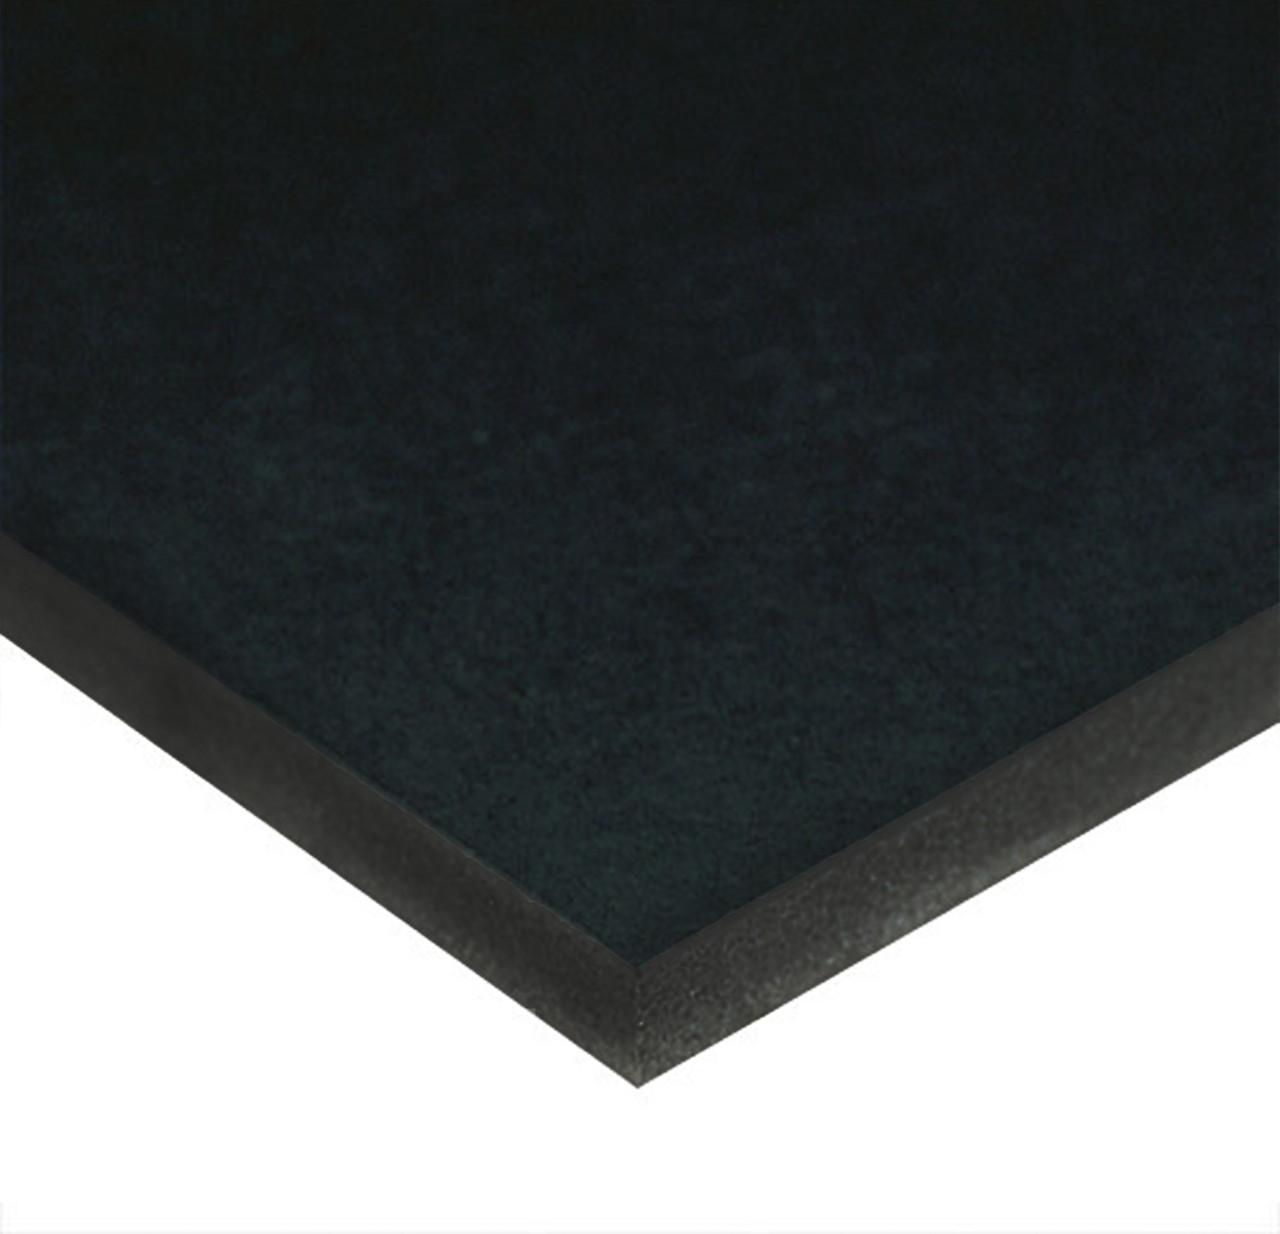 """Foamboard - Black/Black -  4' x 8' x 1/2"""""""